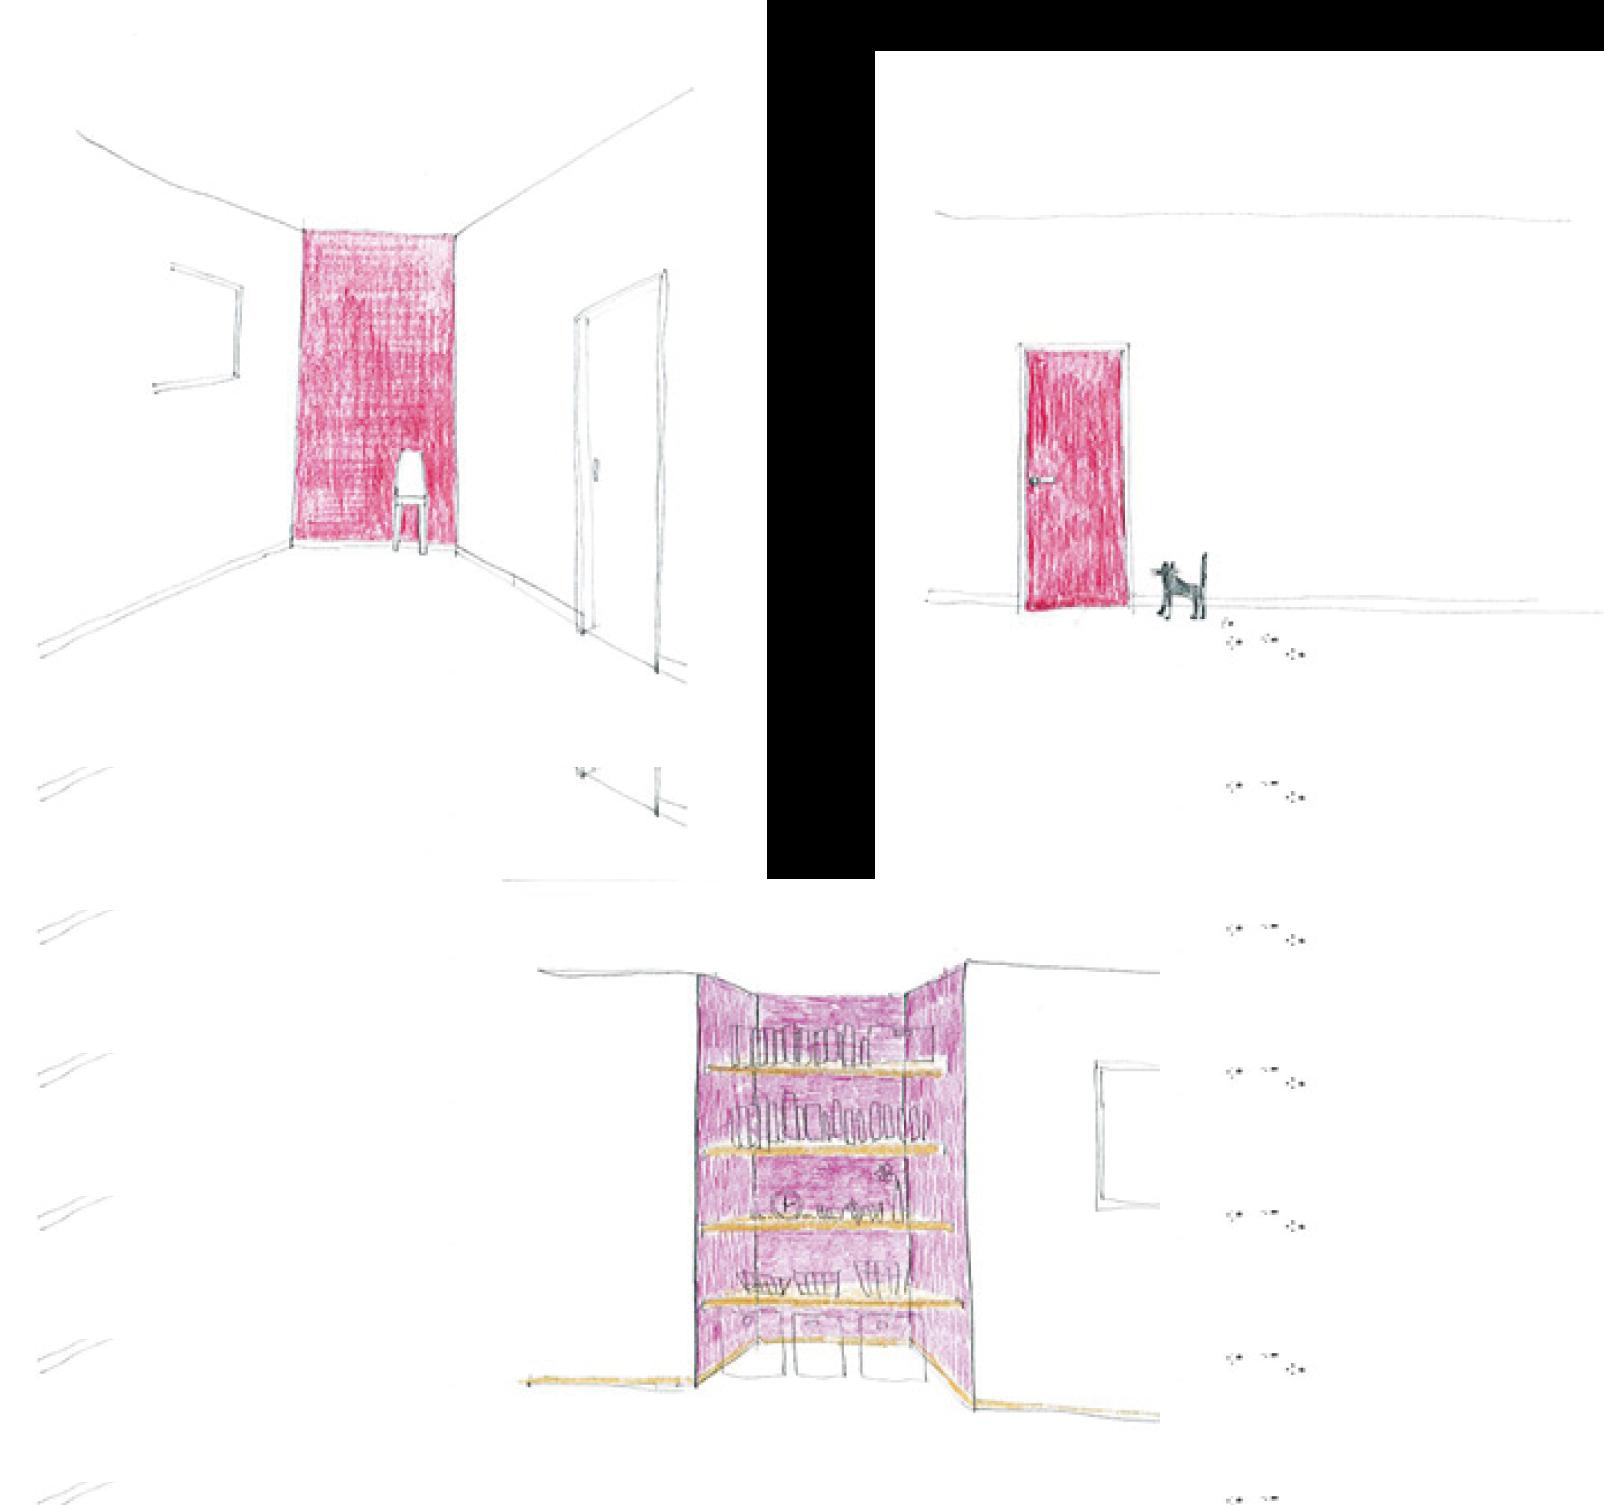 壁の一面だけこだわりの壁紙をはってみる:アイデアボックス第6回_a0117794_2241410.png